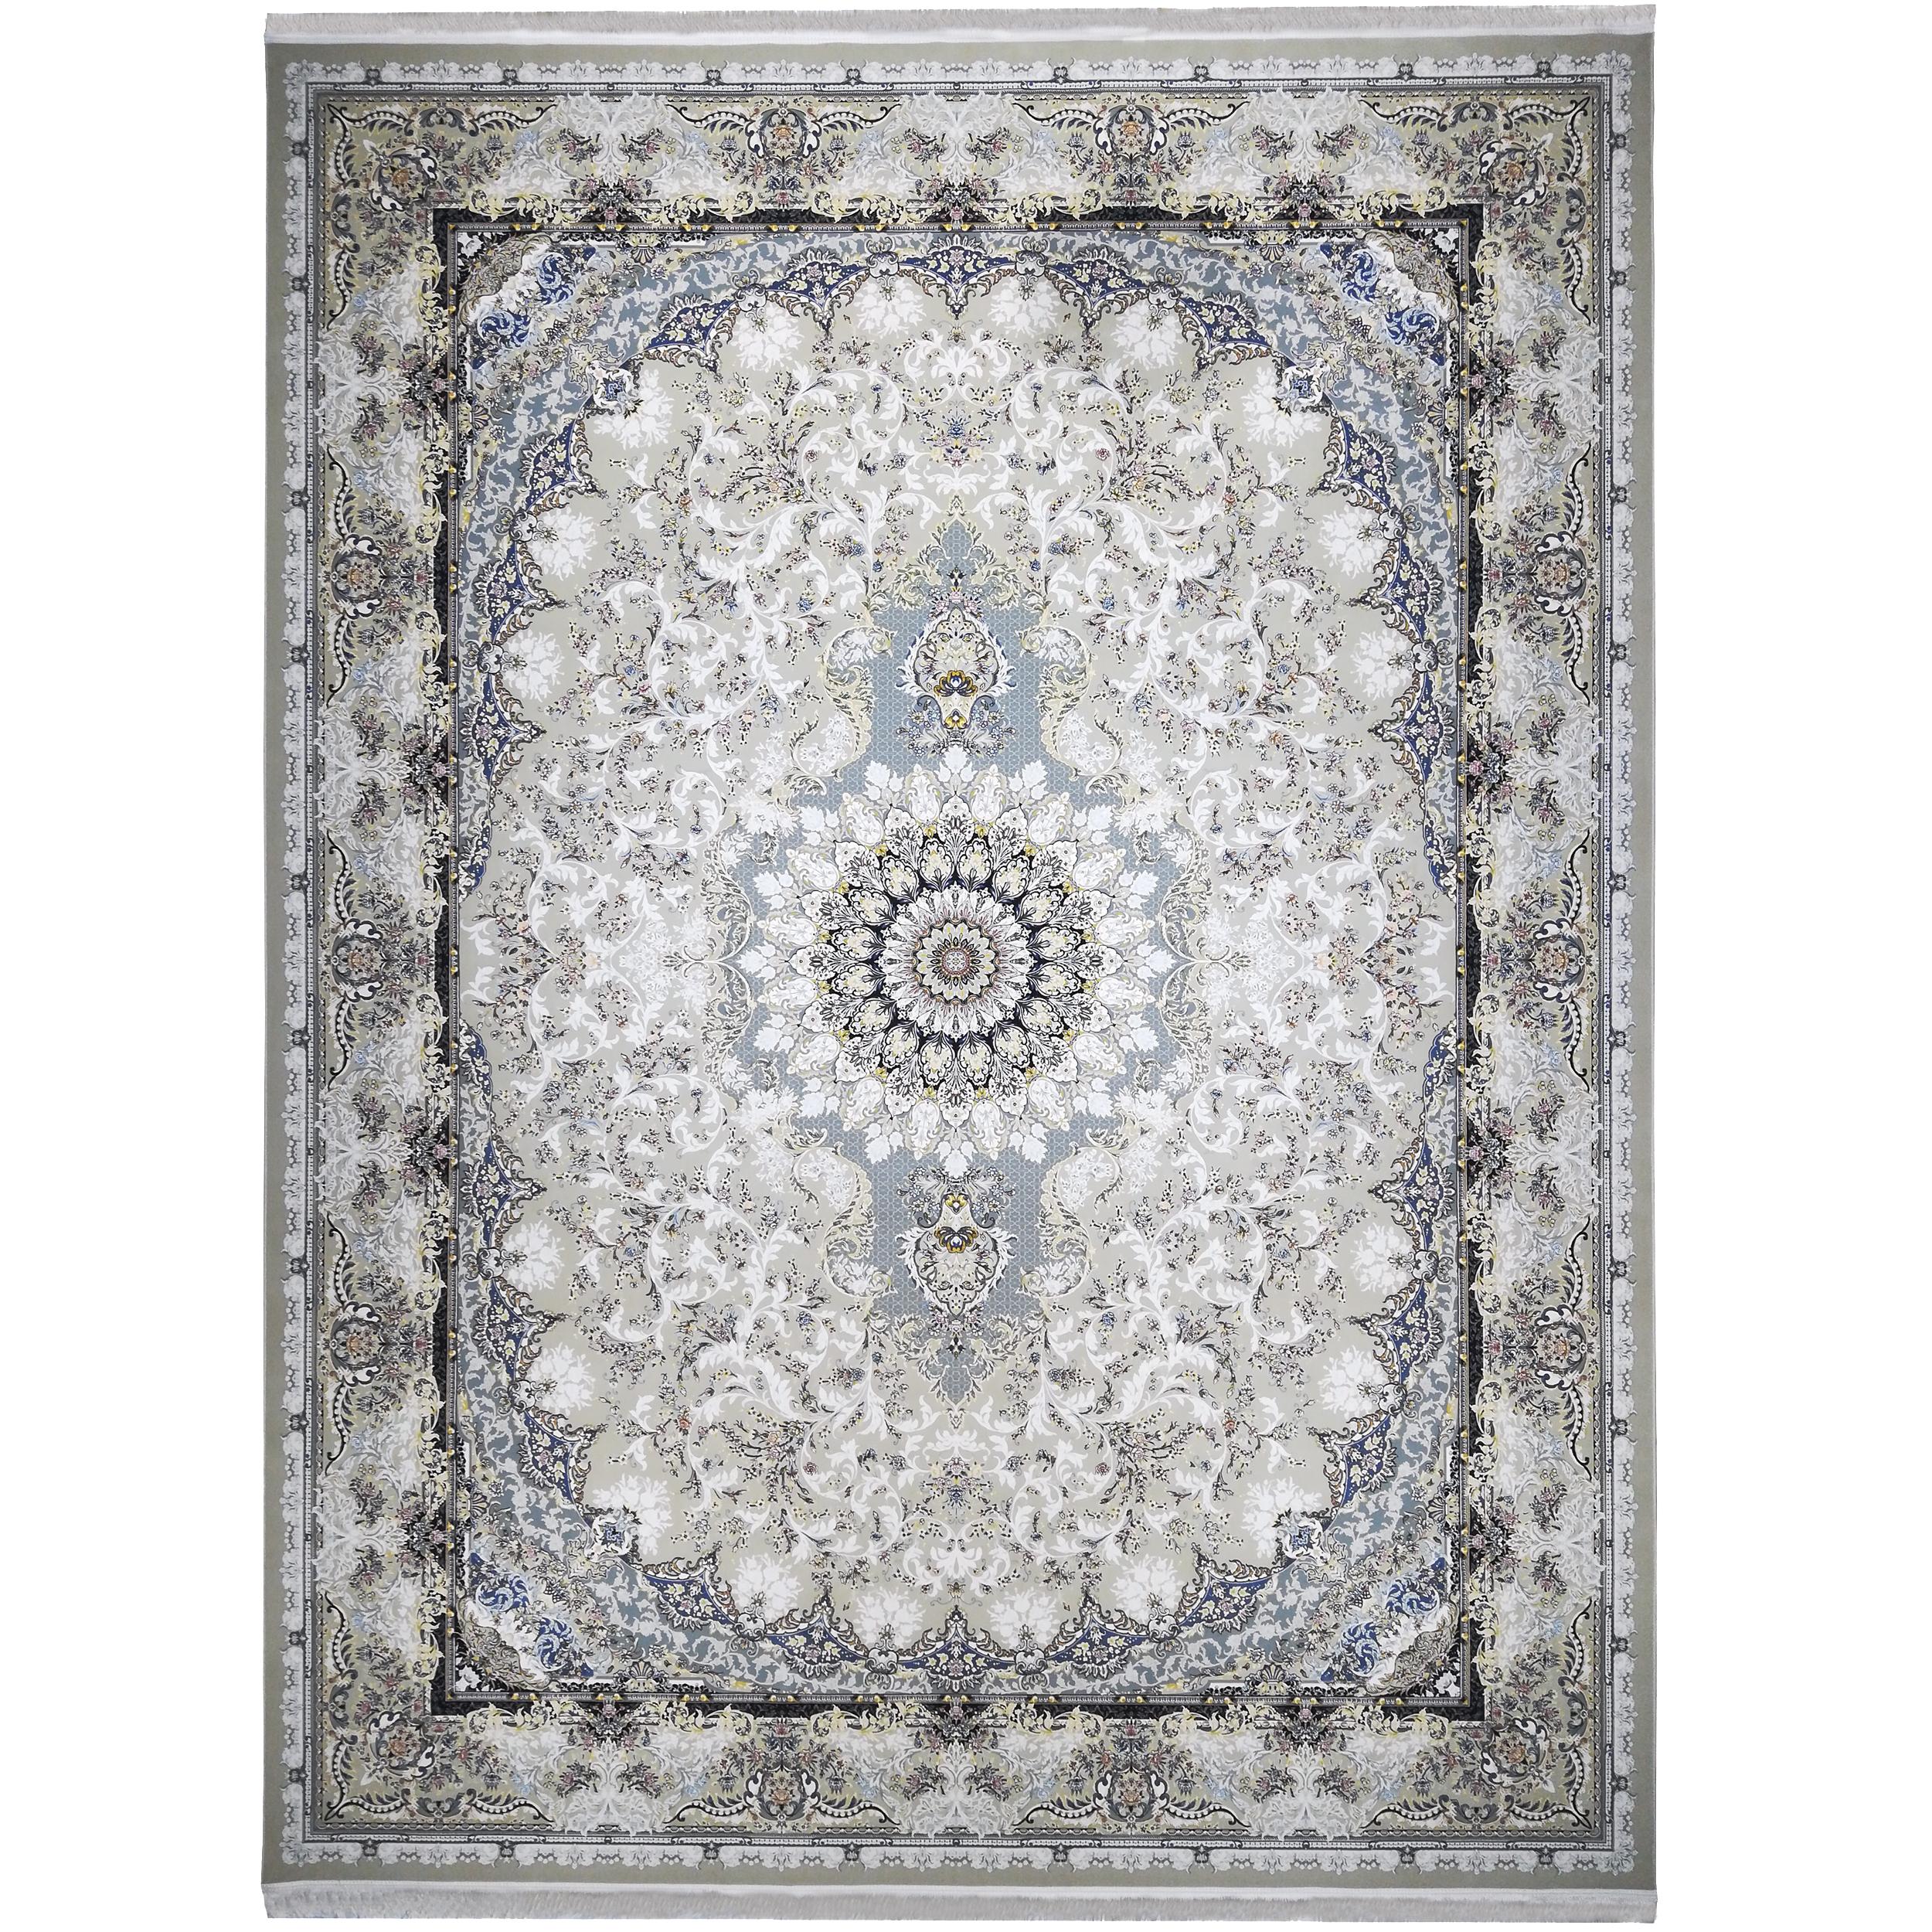 فرش ماشینی فرش مارکت تریتا طرح تبسم کد fm1500 40 زمینه ترمه ای